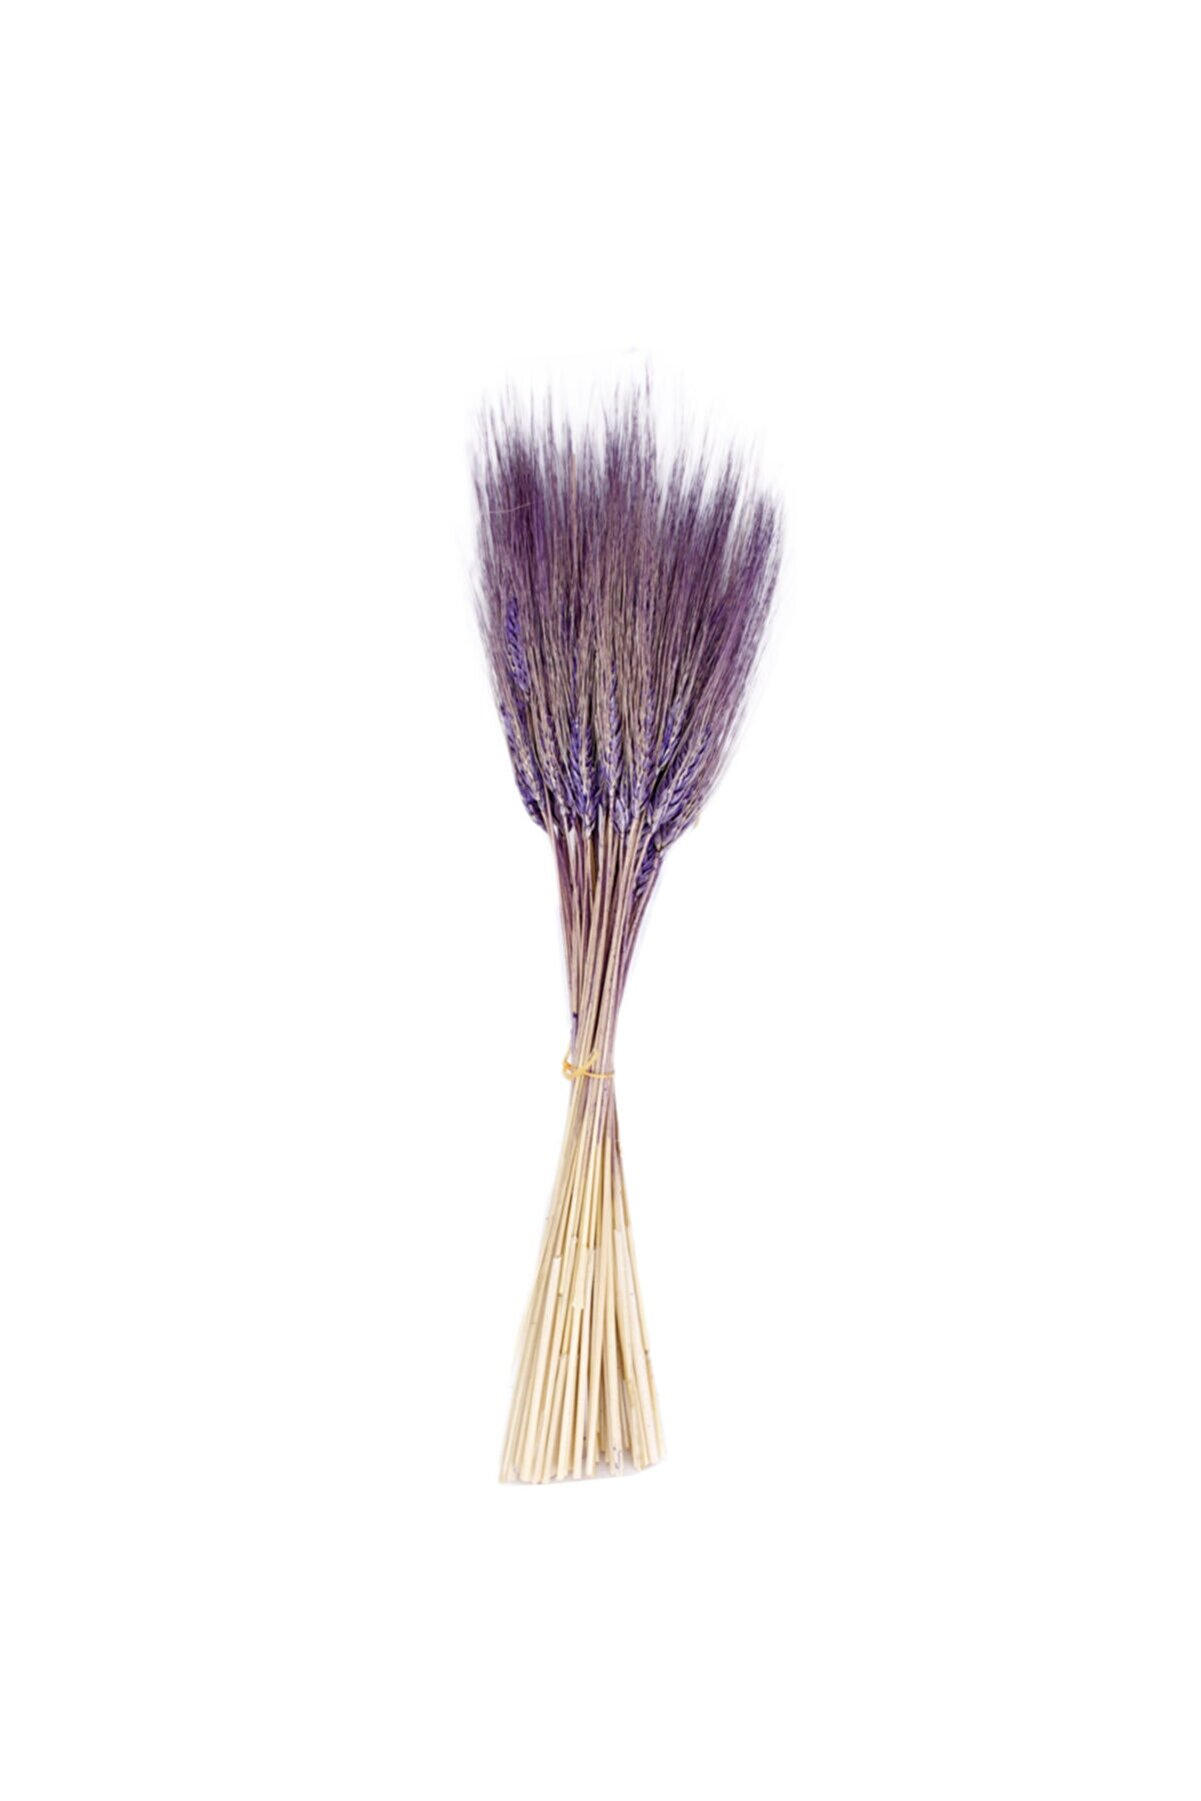 Eminonutoptanci Kuru Çiçek Doğal Başak Buğday Başağı 45 cm - 1 Demet Lila